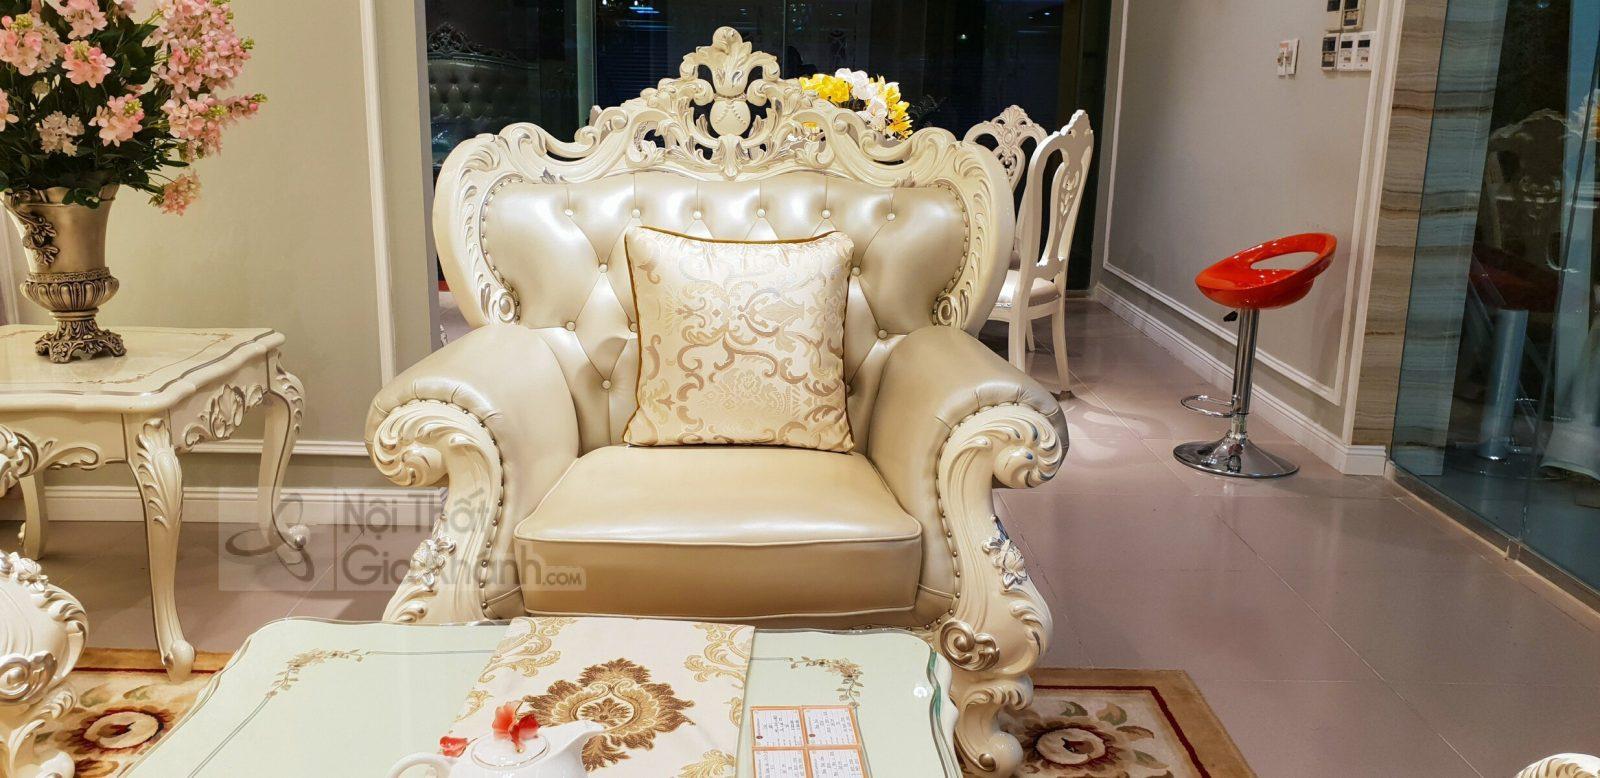 bo ghe sofa tan co dien sang trong cho phong khach sb931h 123 2 - Bộ ghế sofa tân cổ điển sang trọng cho phòng khách SB931H-123